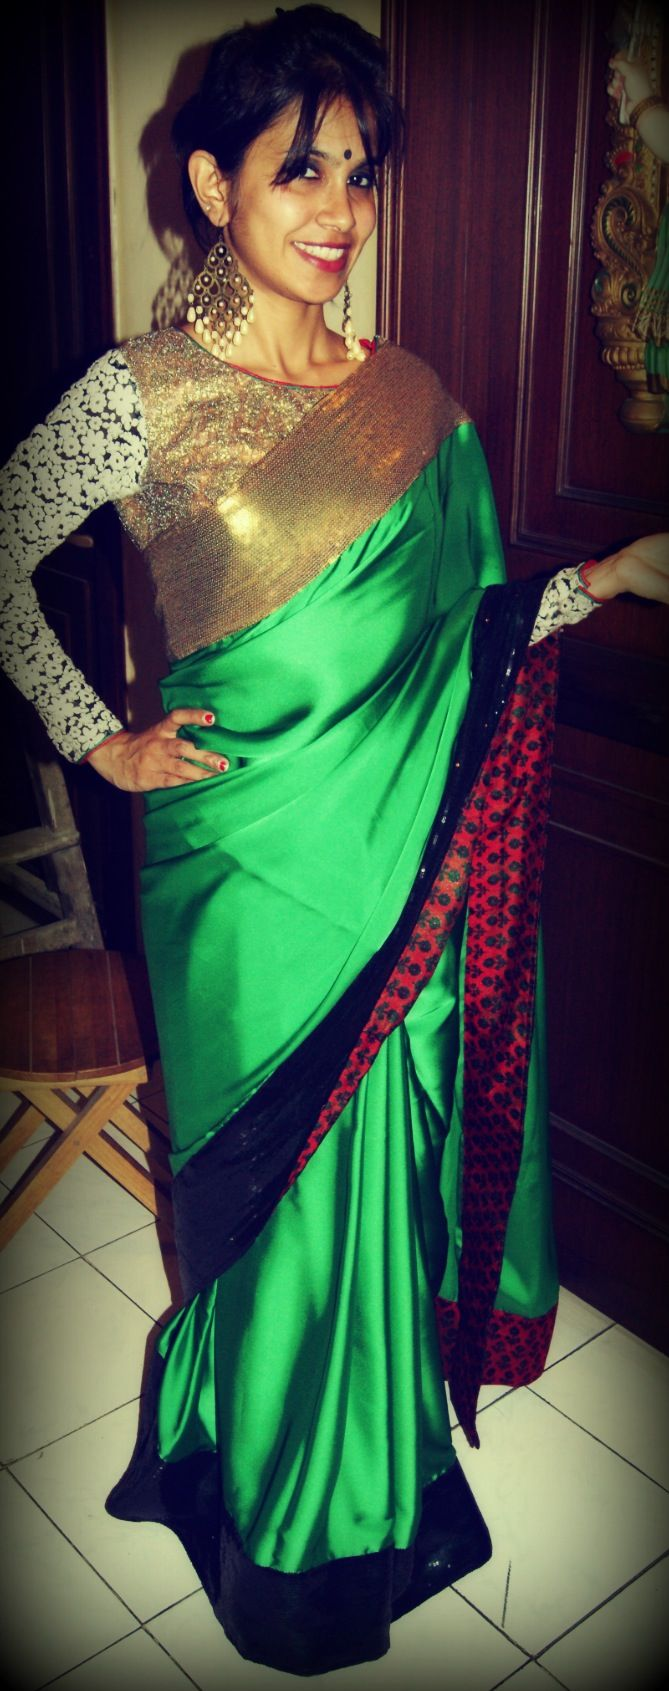 Sari by Ayush Kejriwal